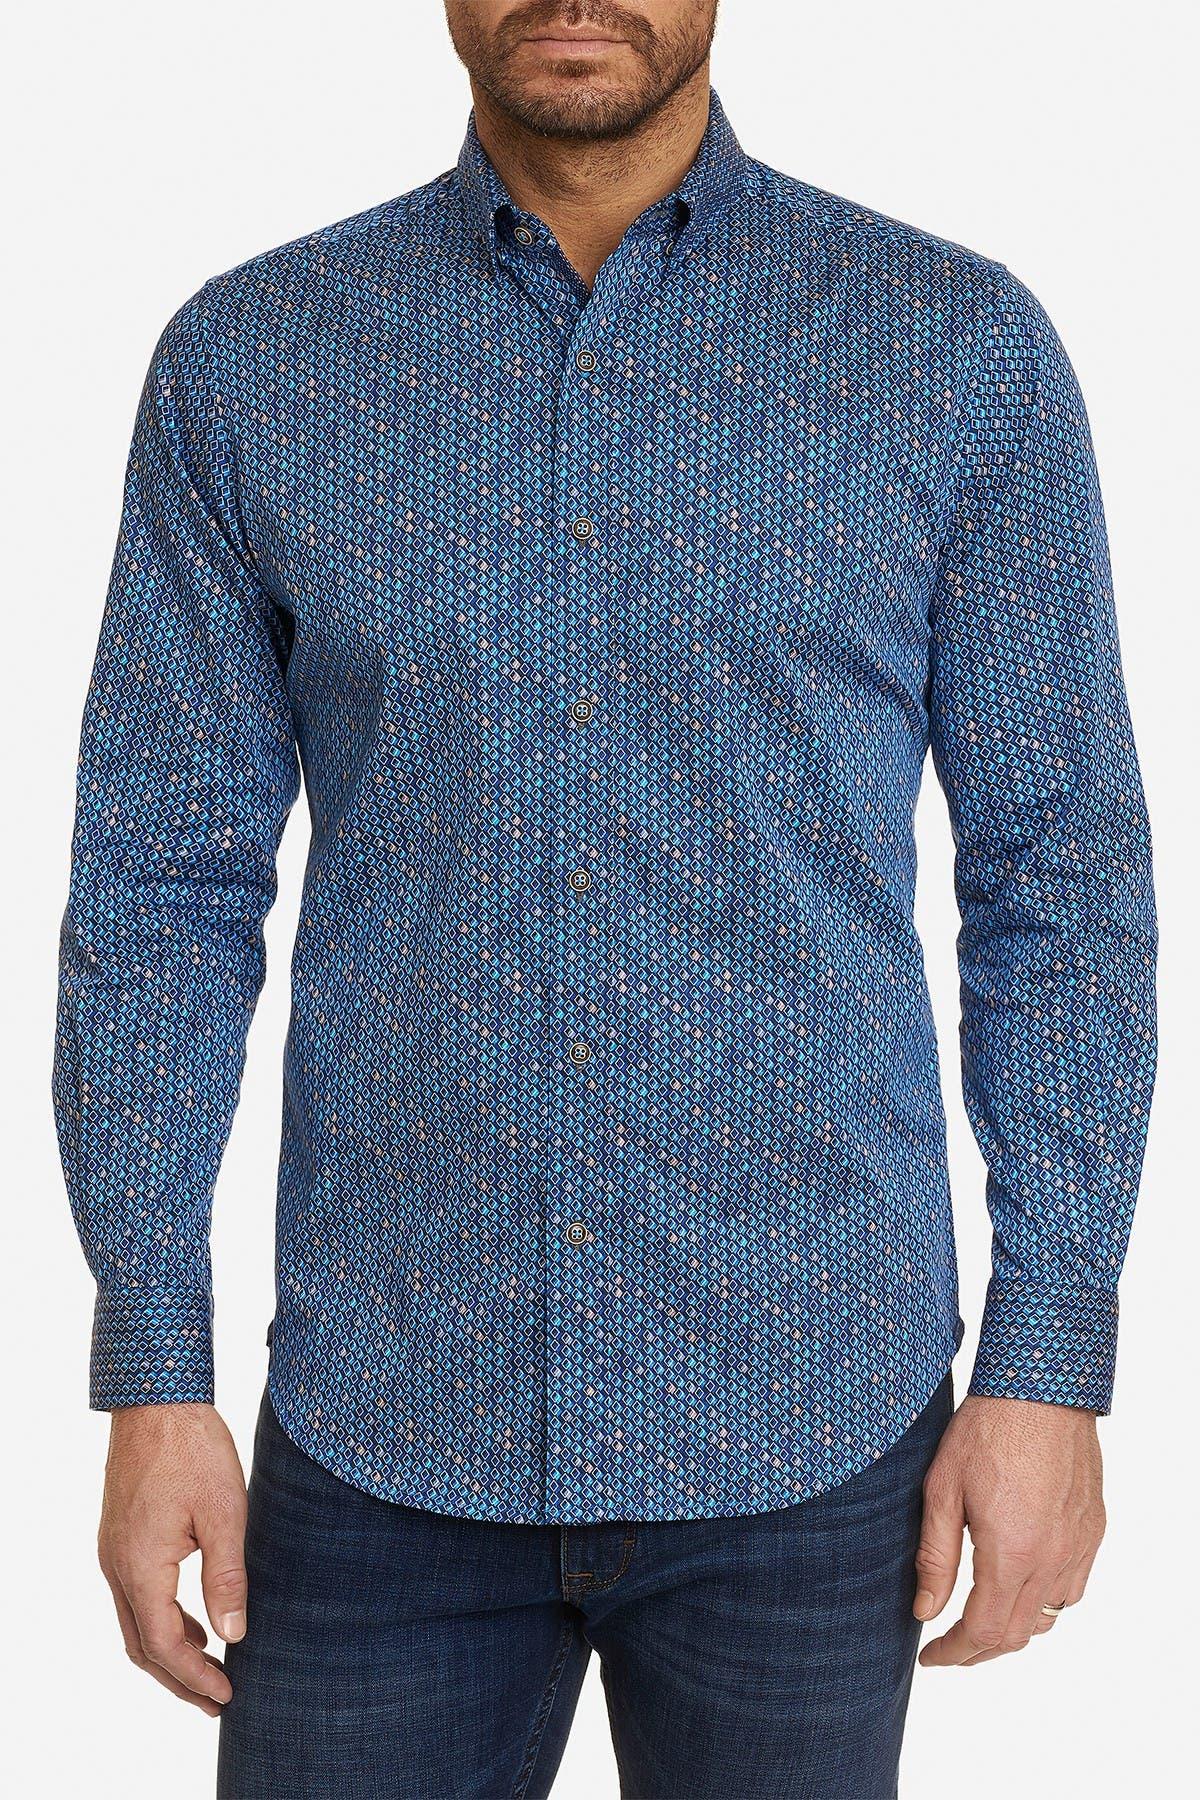 Image of Robert Graham Barnett Long Sleeve Shirt